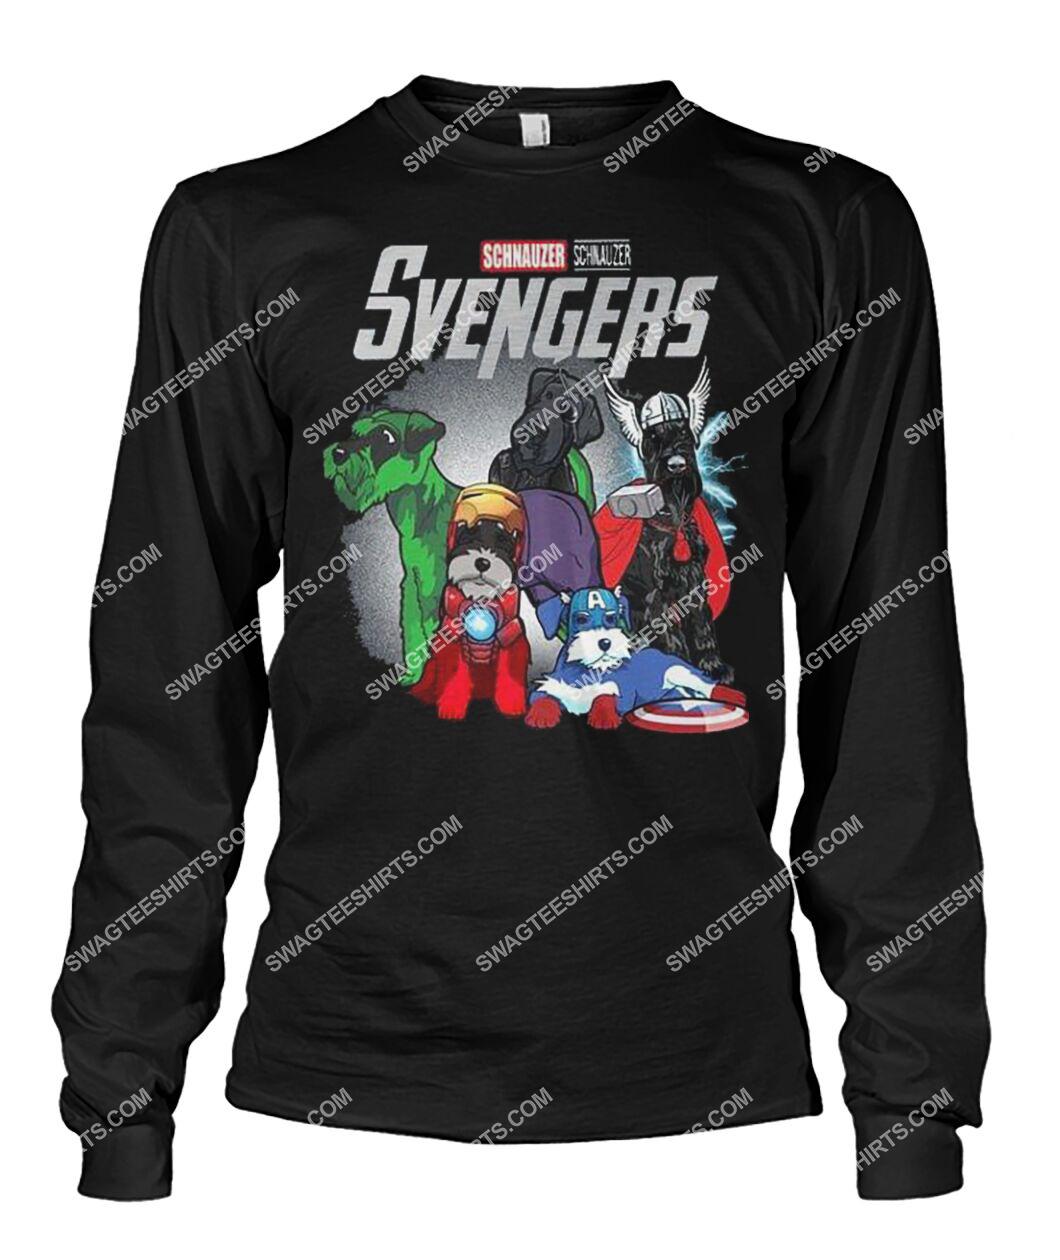 schnauzer svengers marvel avengers dogs lover sweatshirt 1